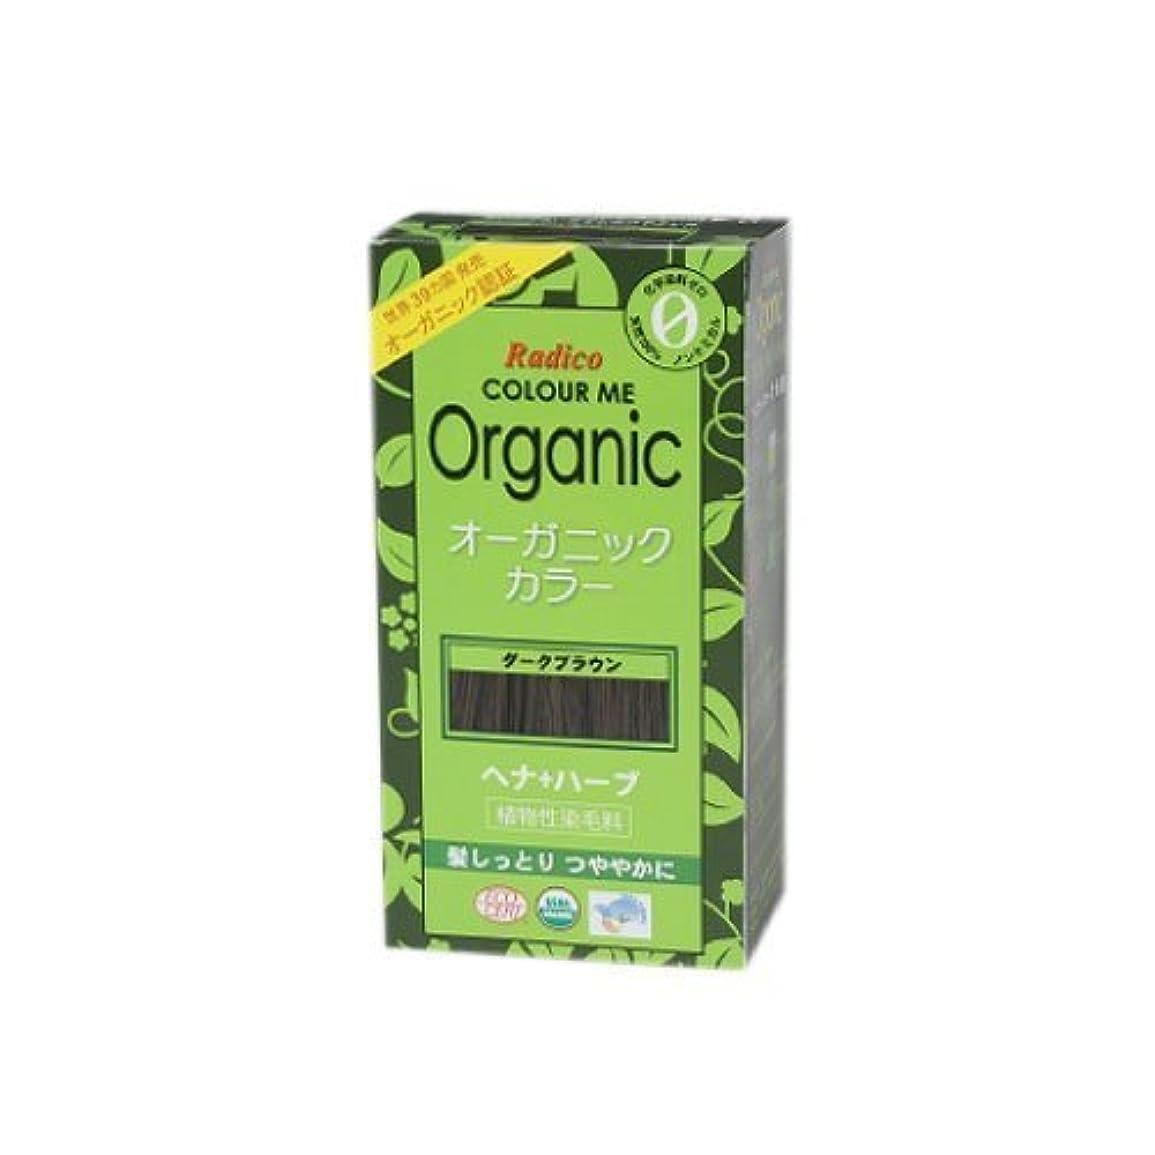 証拠油正確なCOLOURME Organic (カラーミーオーガニック ヘナ 白髪用) ダークブラウン 100g